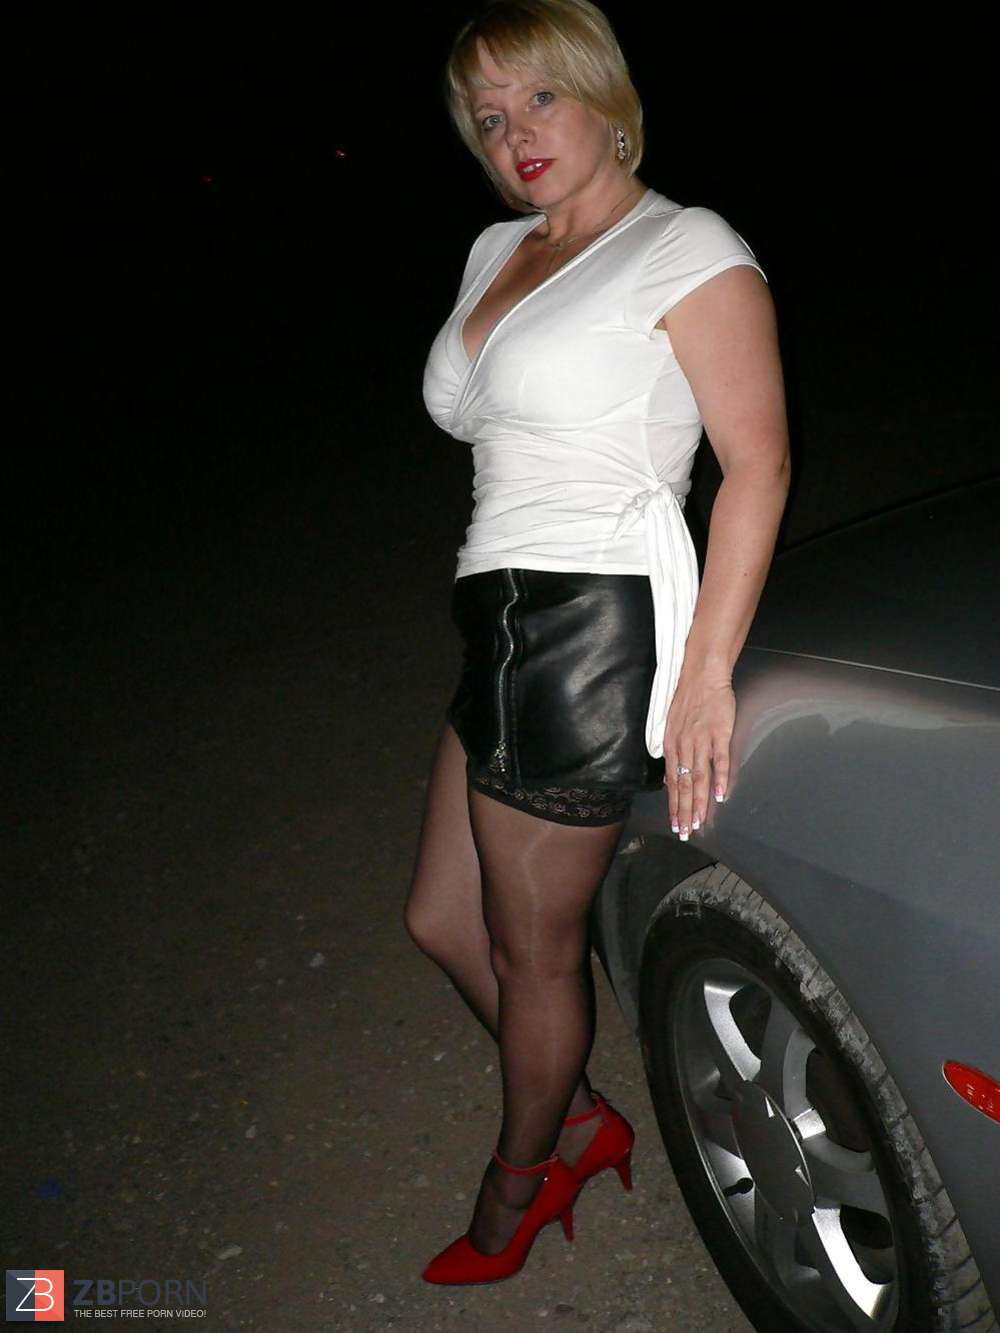 Big-Boobed Wifey Dogging  Zb Porn-6113